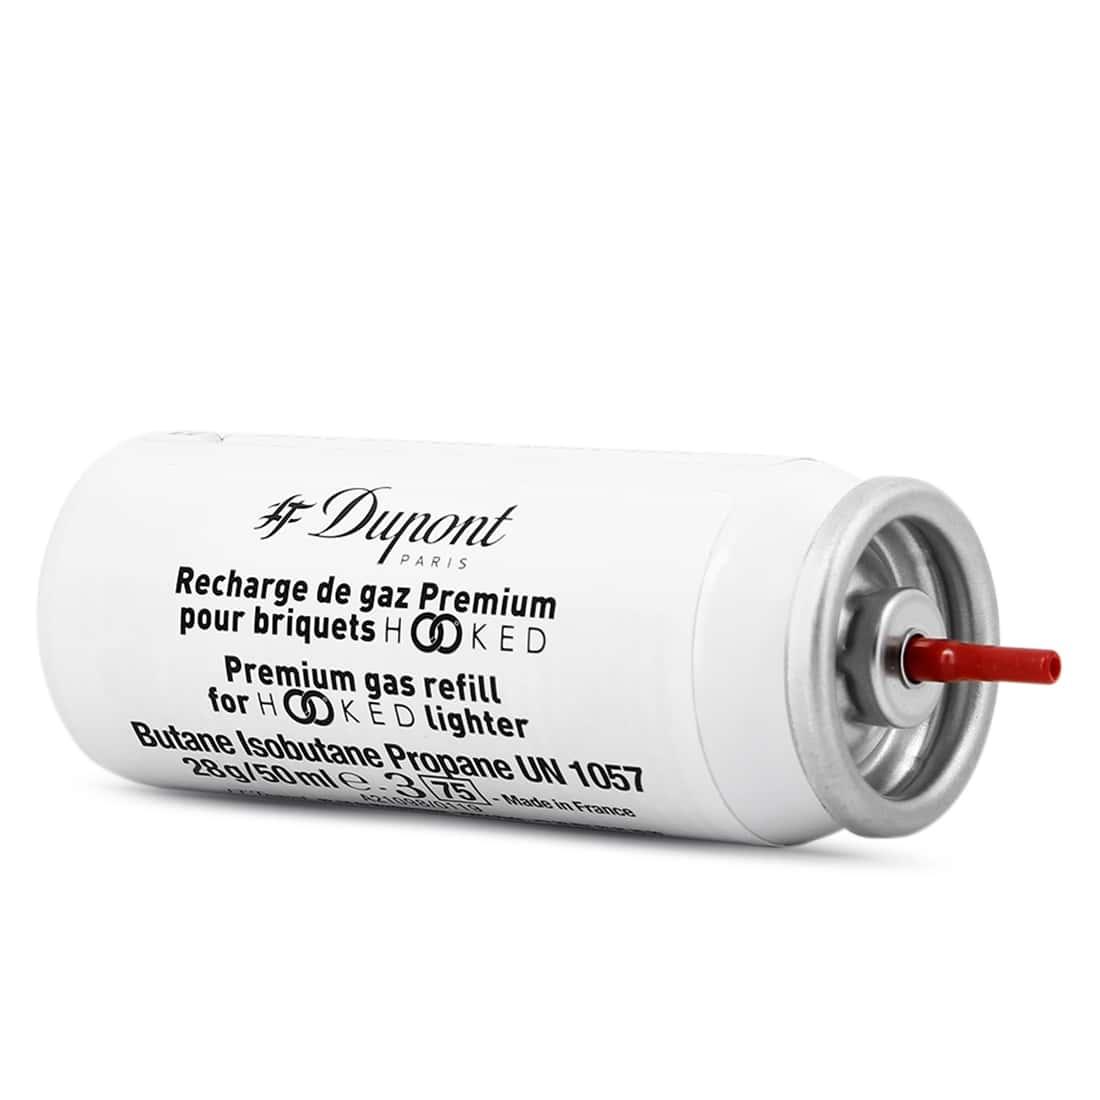 Photo #1 de Recharge gaz blanche premium S.T. Dupont 444